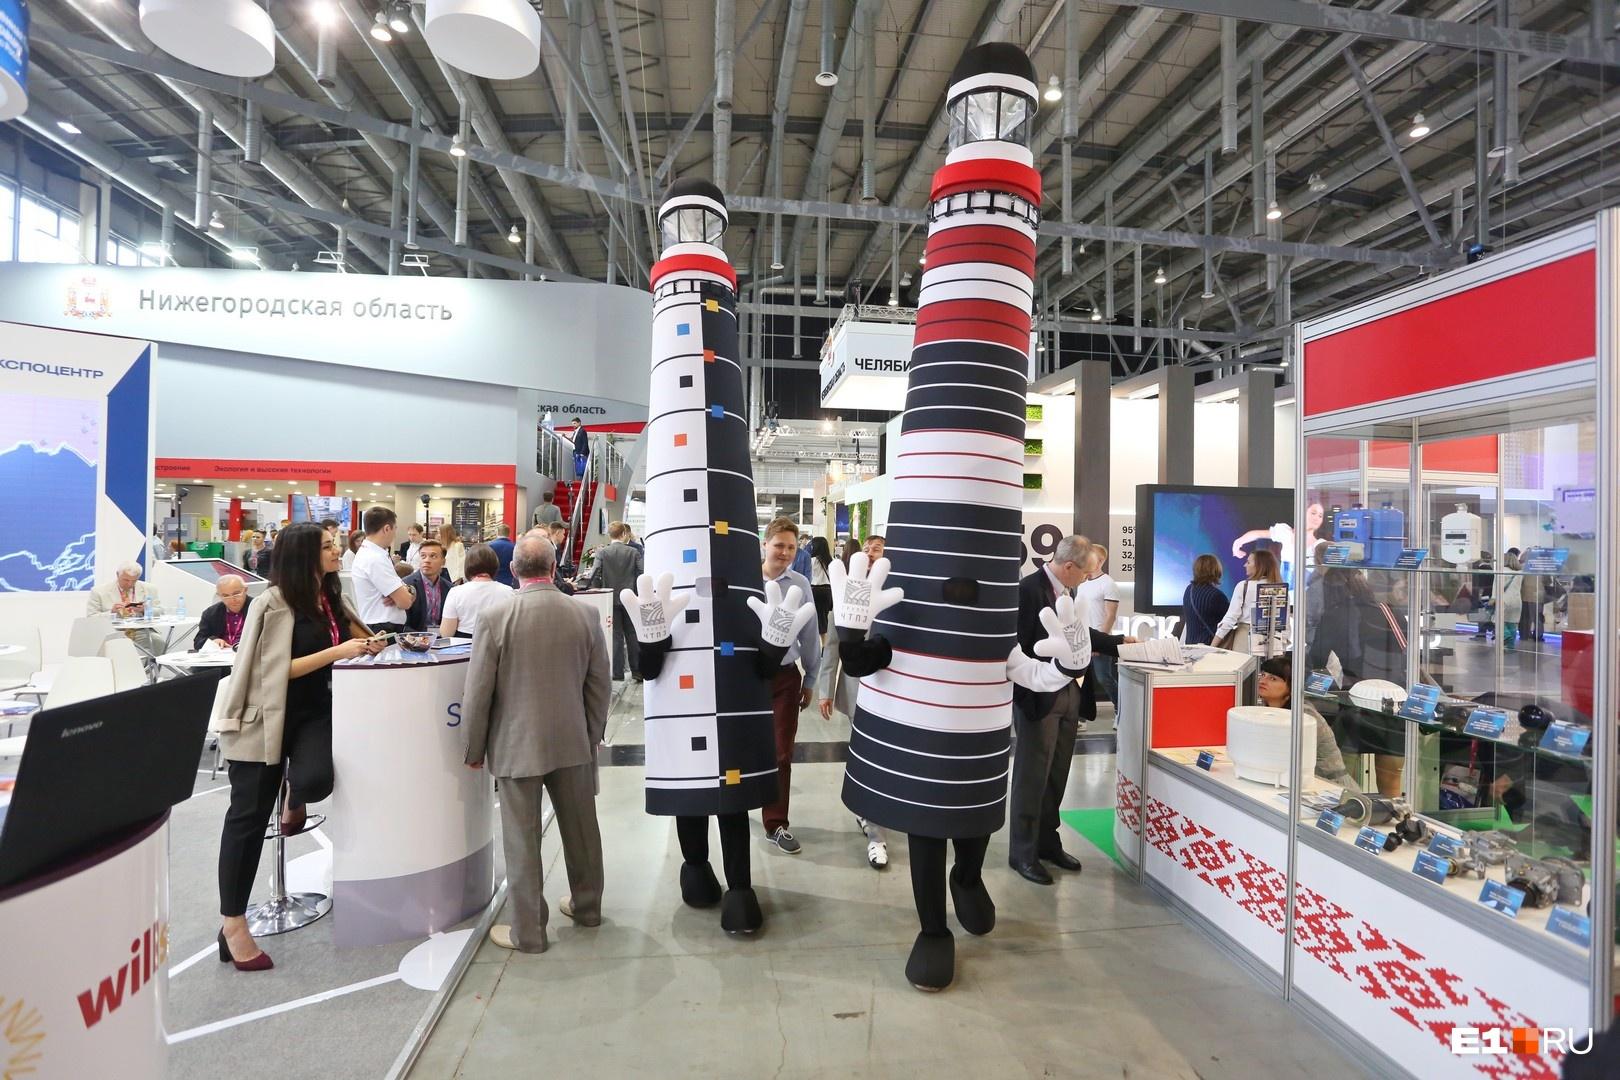 В этом году ЧТПЗ привез с собой две ростовые куклы в виде маяков. Они ходят по стендам «Иннопрома» и как могут развлекают посетителей. Нравятся ли маяки владельцам и топ-менеджерам крупных промышленных компаний, сказать трудно, а вот дети точно оценят веселый дуэт по достоинству